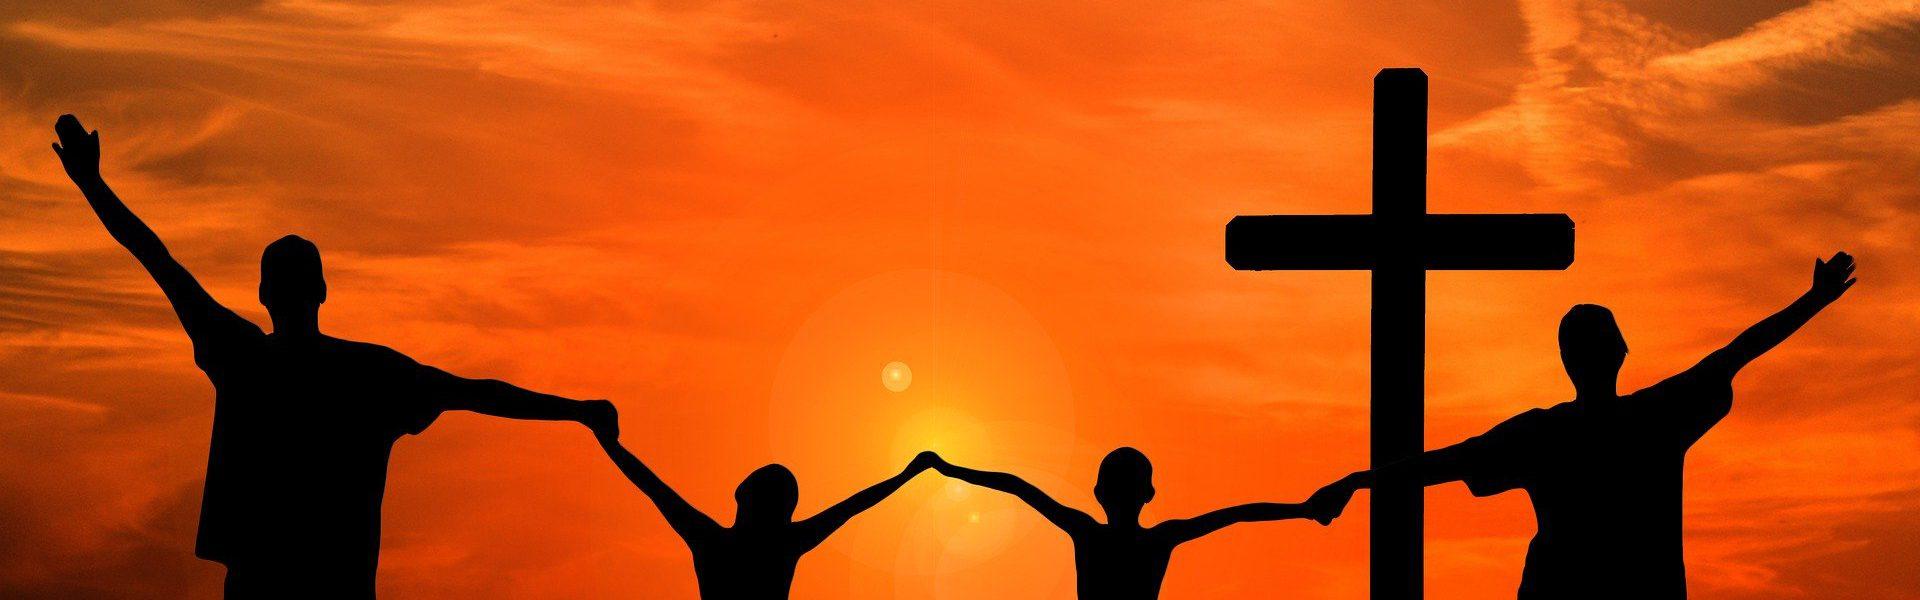 தமிழ் திருப்பலி ஒவ்வொரு மாதமும்  3-ஆம் ஞாயிறு